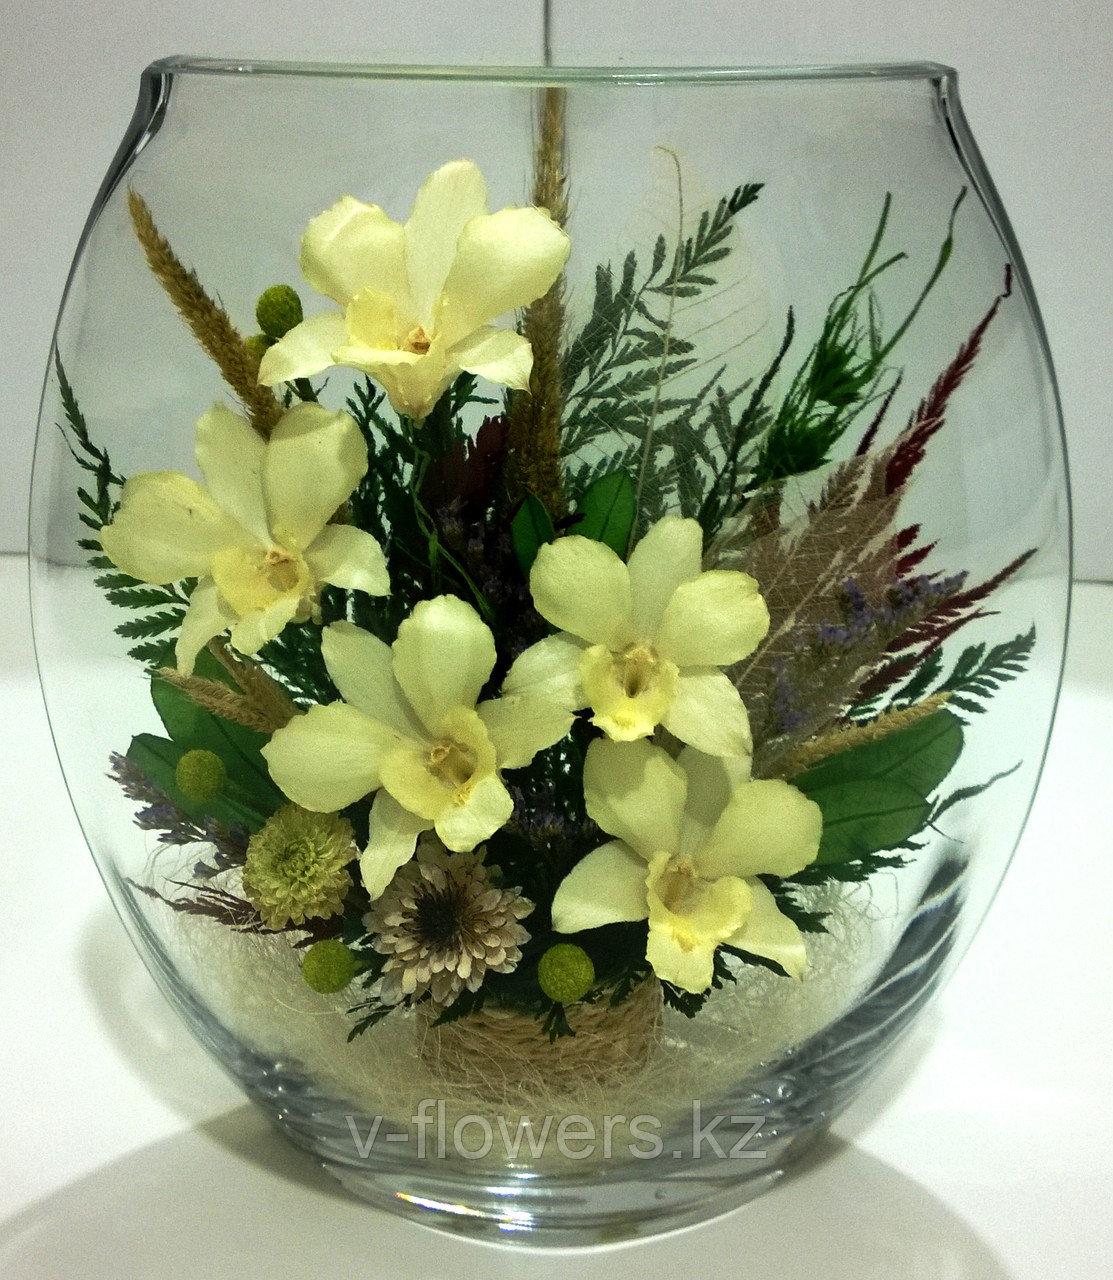 Цветы навсегда EHO-03